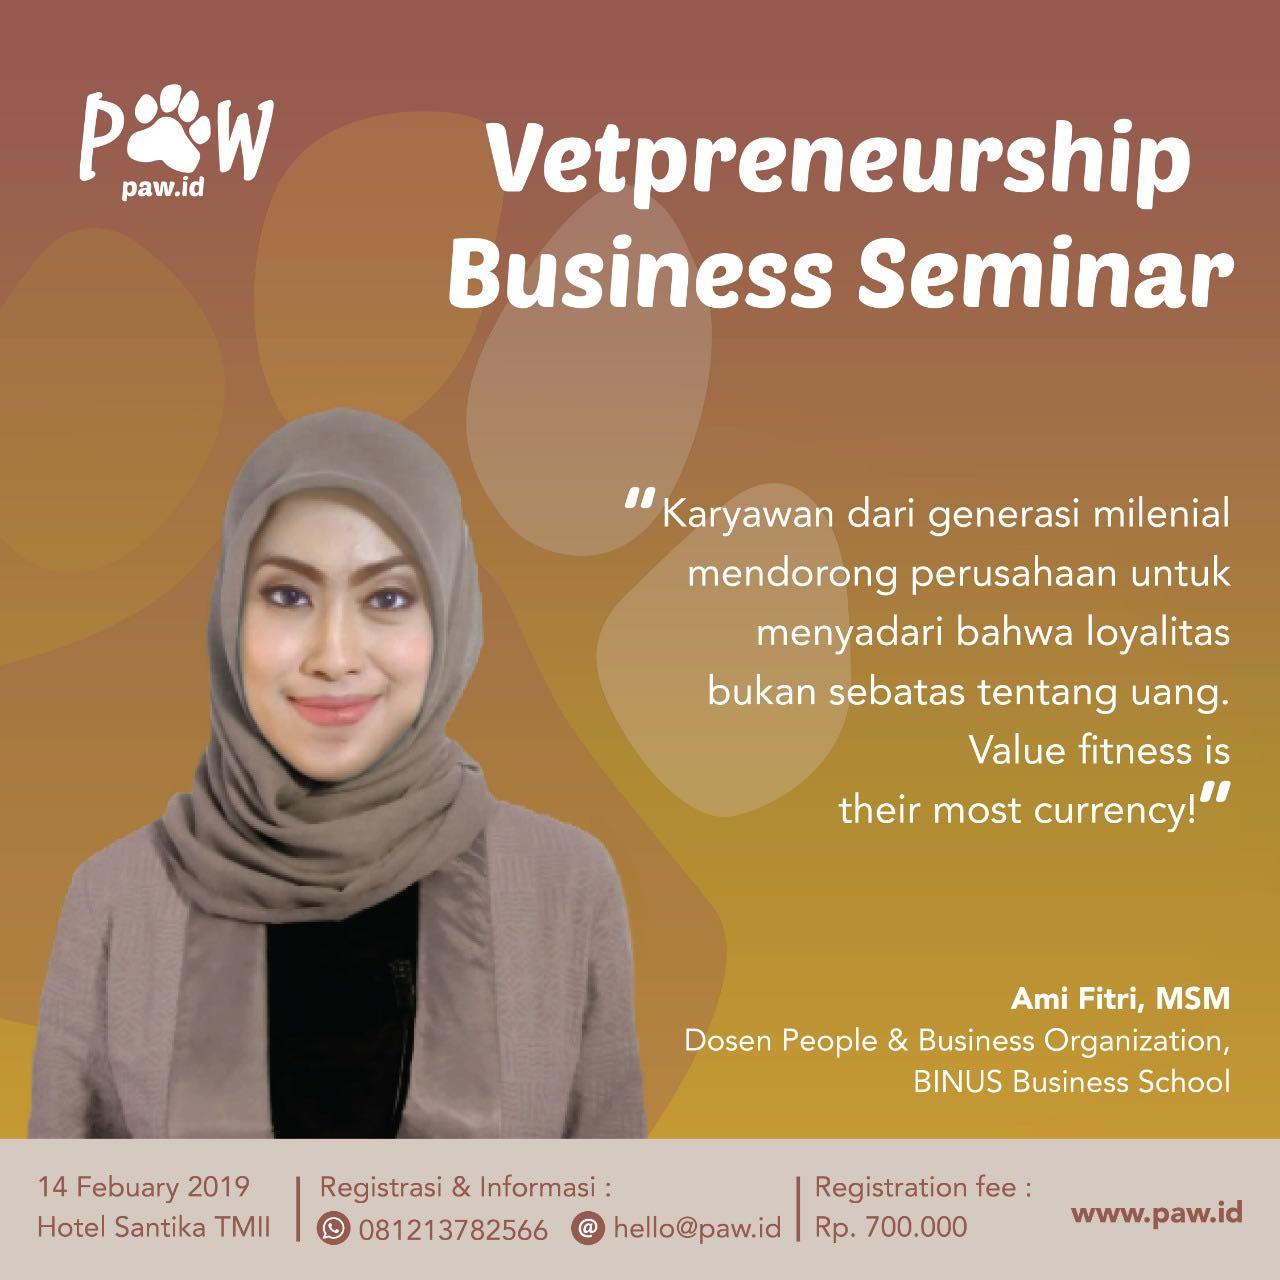 Ami Fitri sebagai speaker di Vetpreneurship Business Seminar 2019 paw Indonesia